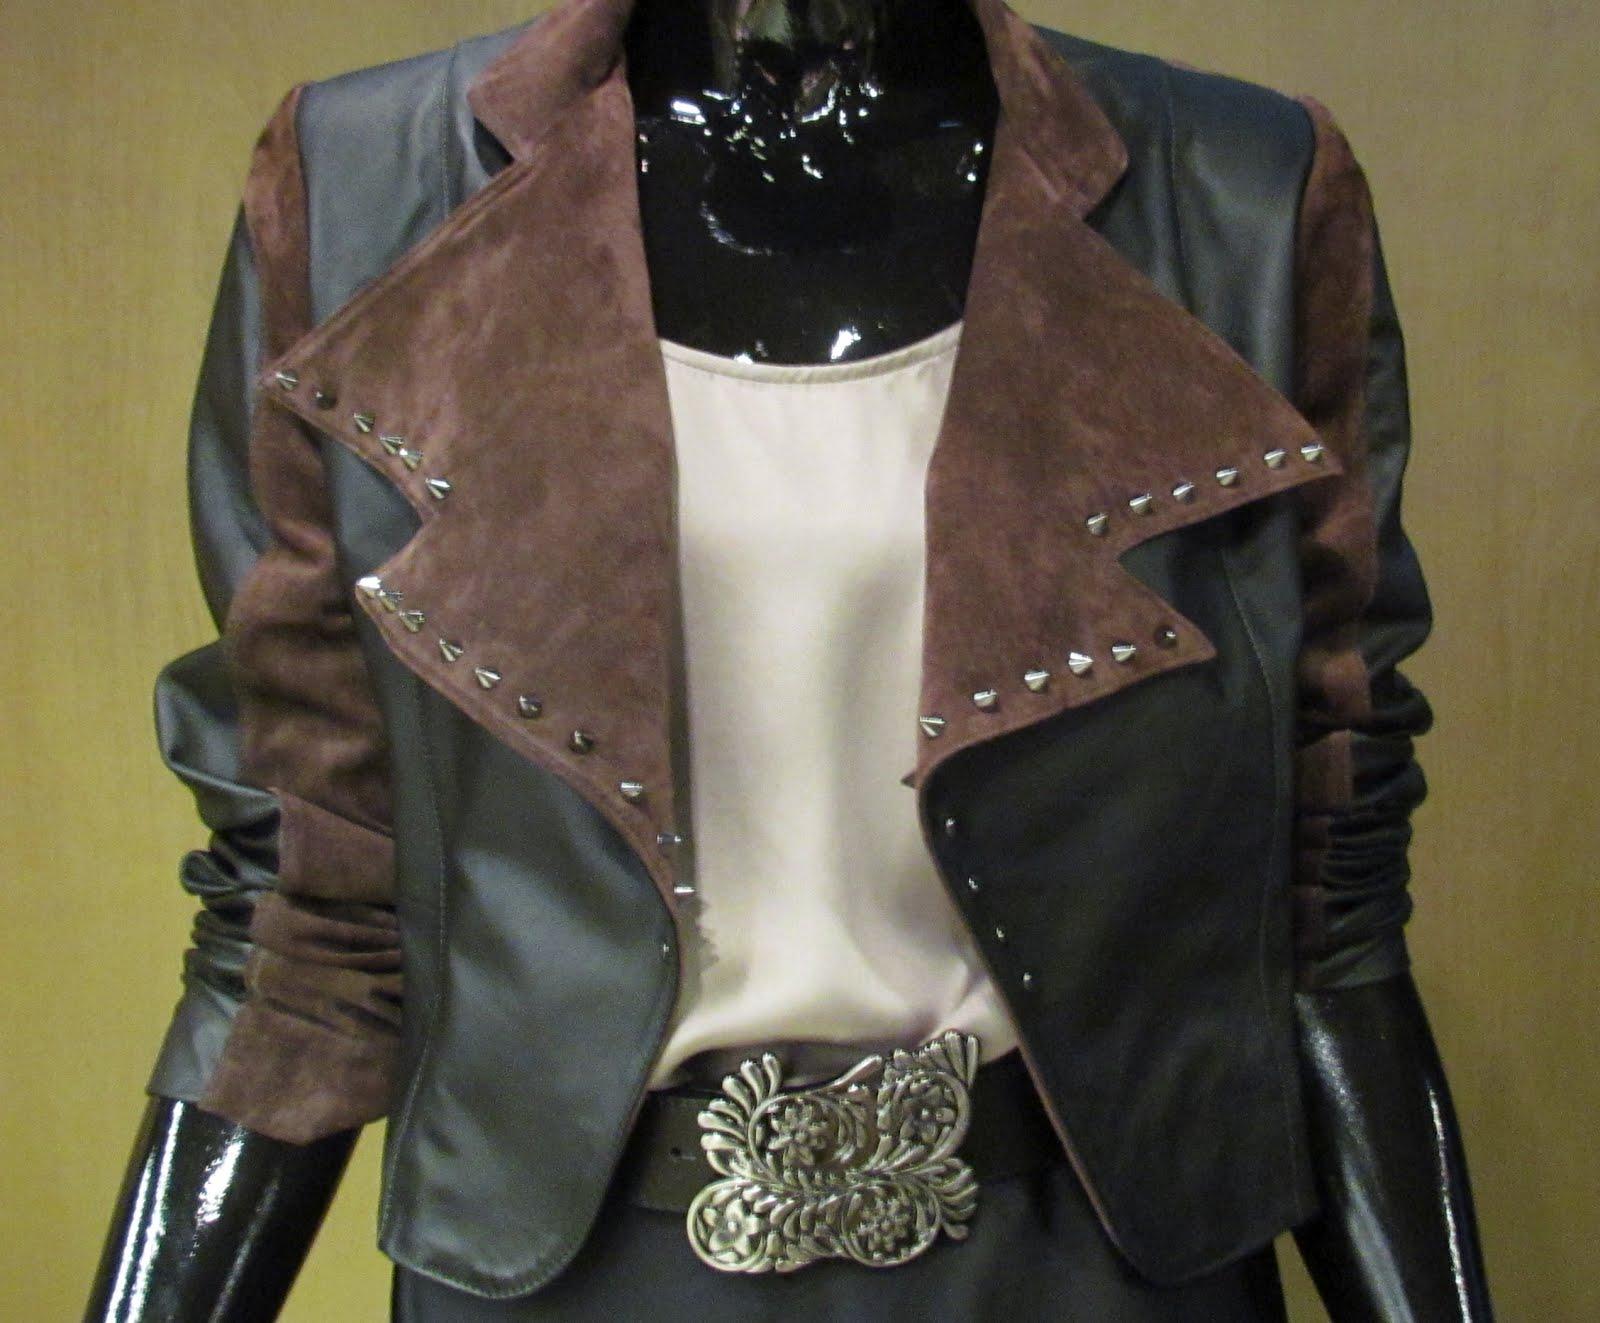 ... cinto Just Cavalli e sapato de veludo preto TMLS. Detalhe da jaqueta  bicolor preta e marrom Lilly Sarti c077b26d38